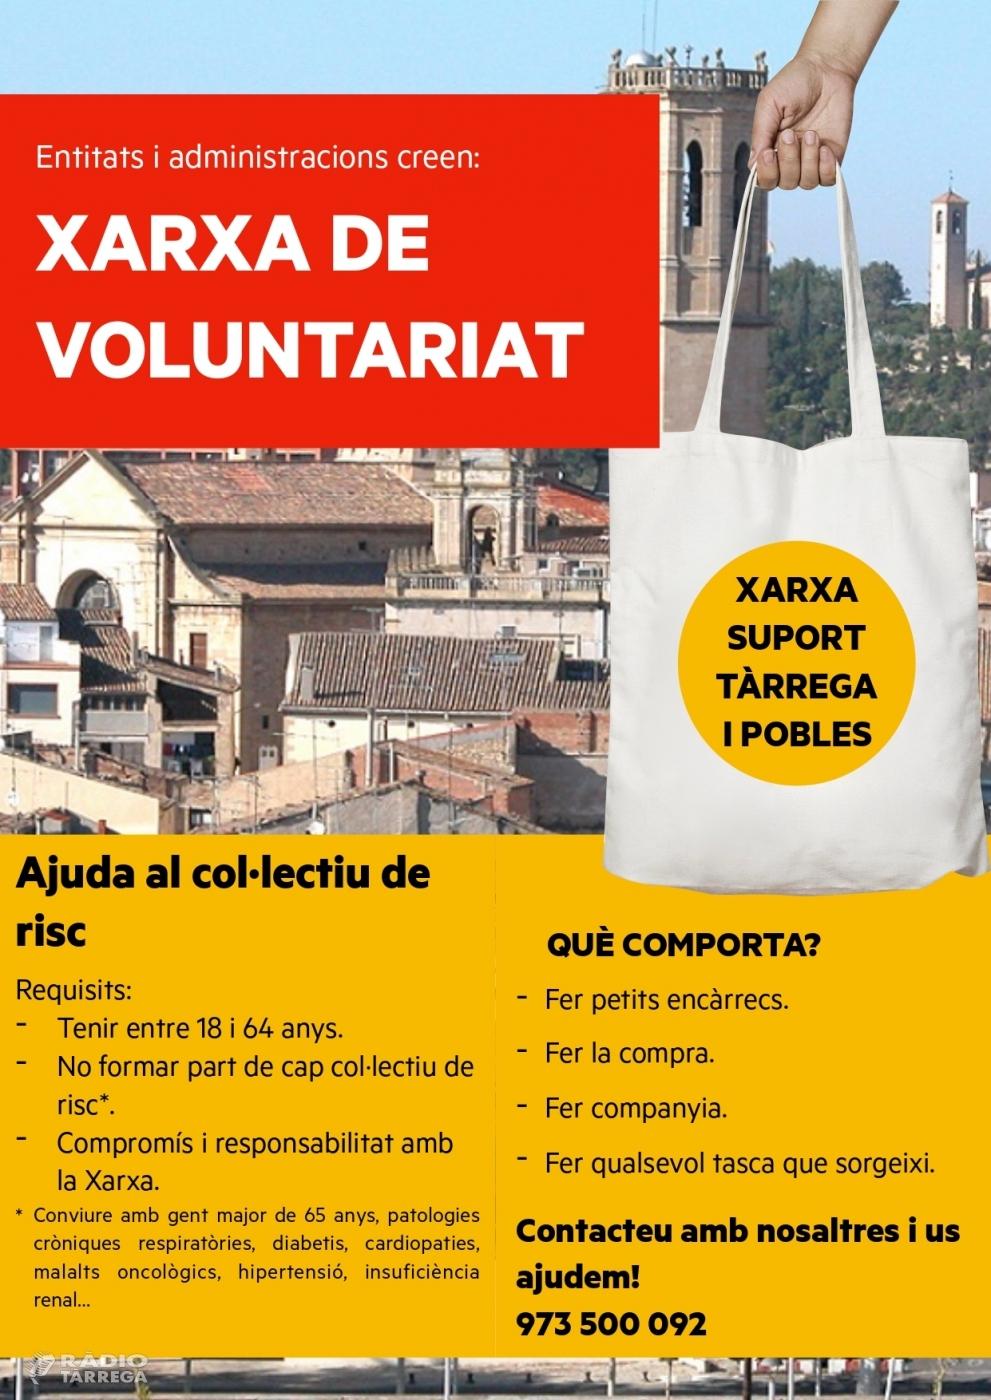 Neix la Xarxa de Voluntariat de Tàrrega i Pobles, iniciativa solidària per ajudar a atendre gent que visqui dificultats pel coronavirus